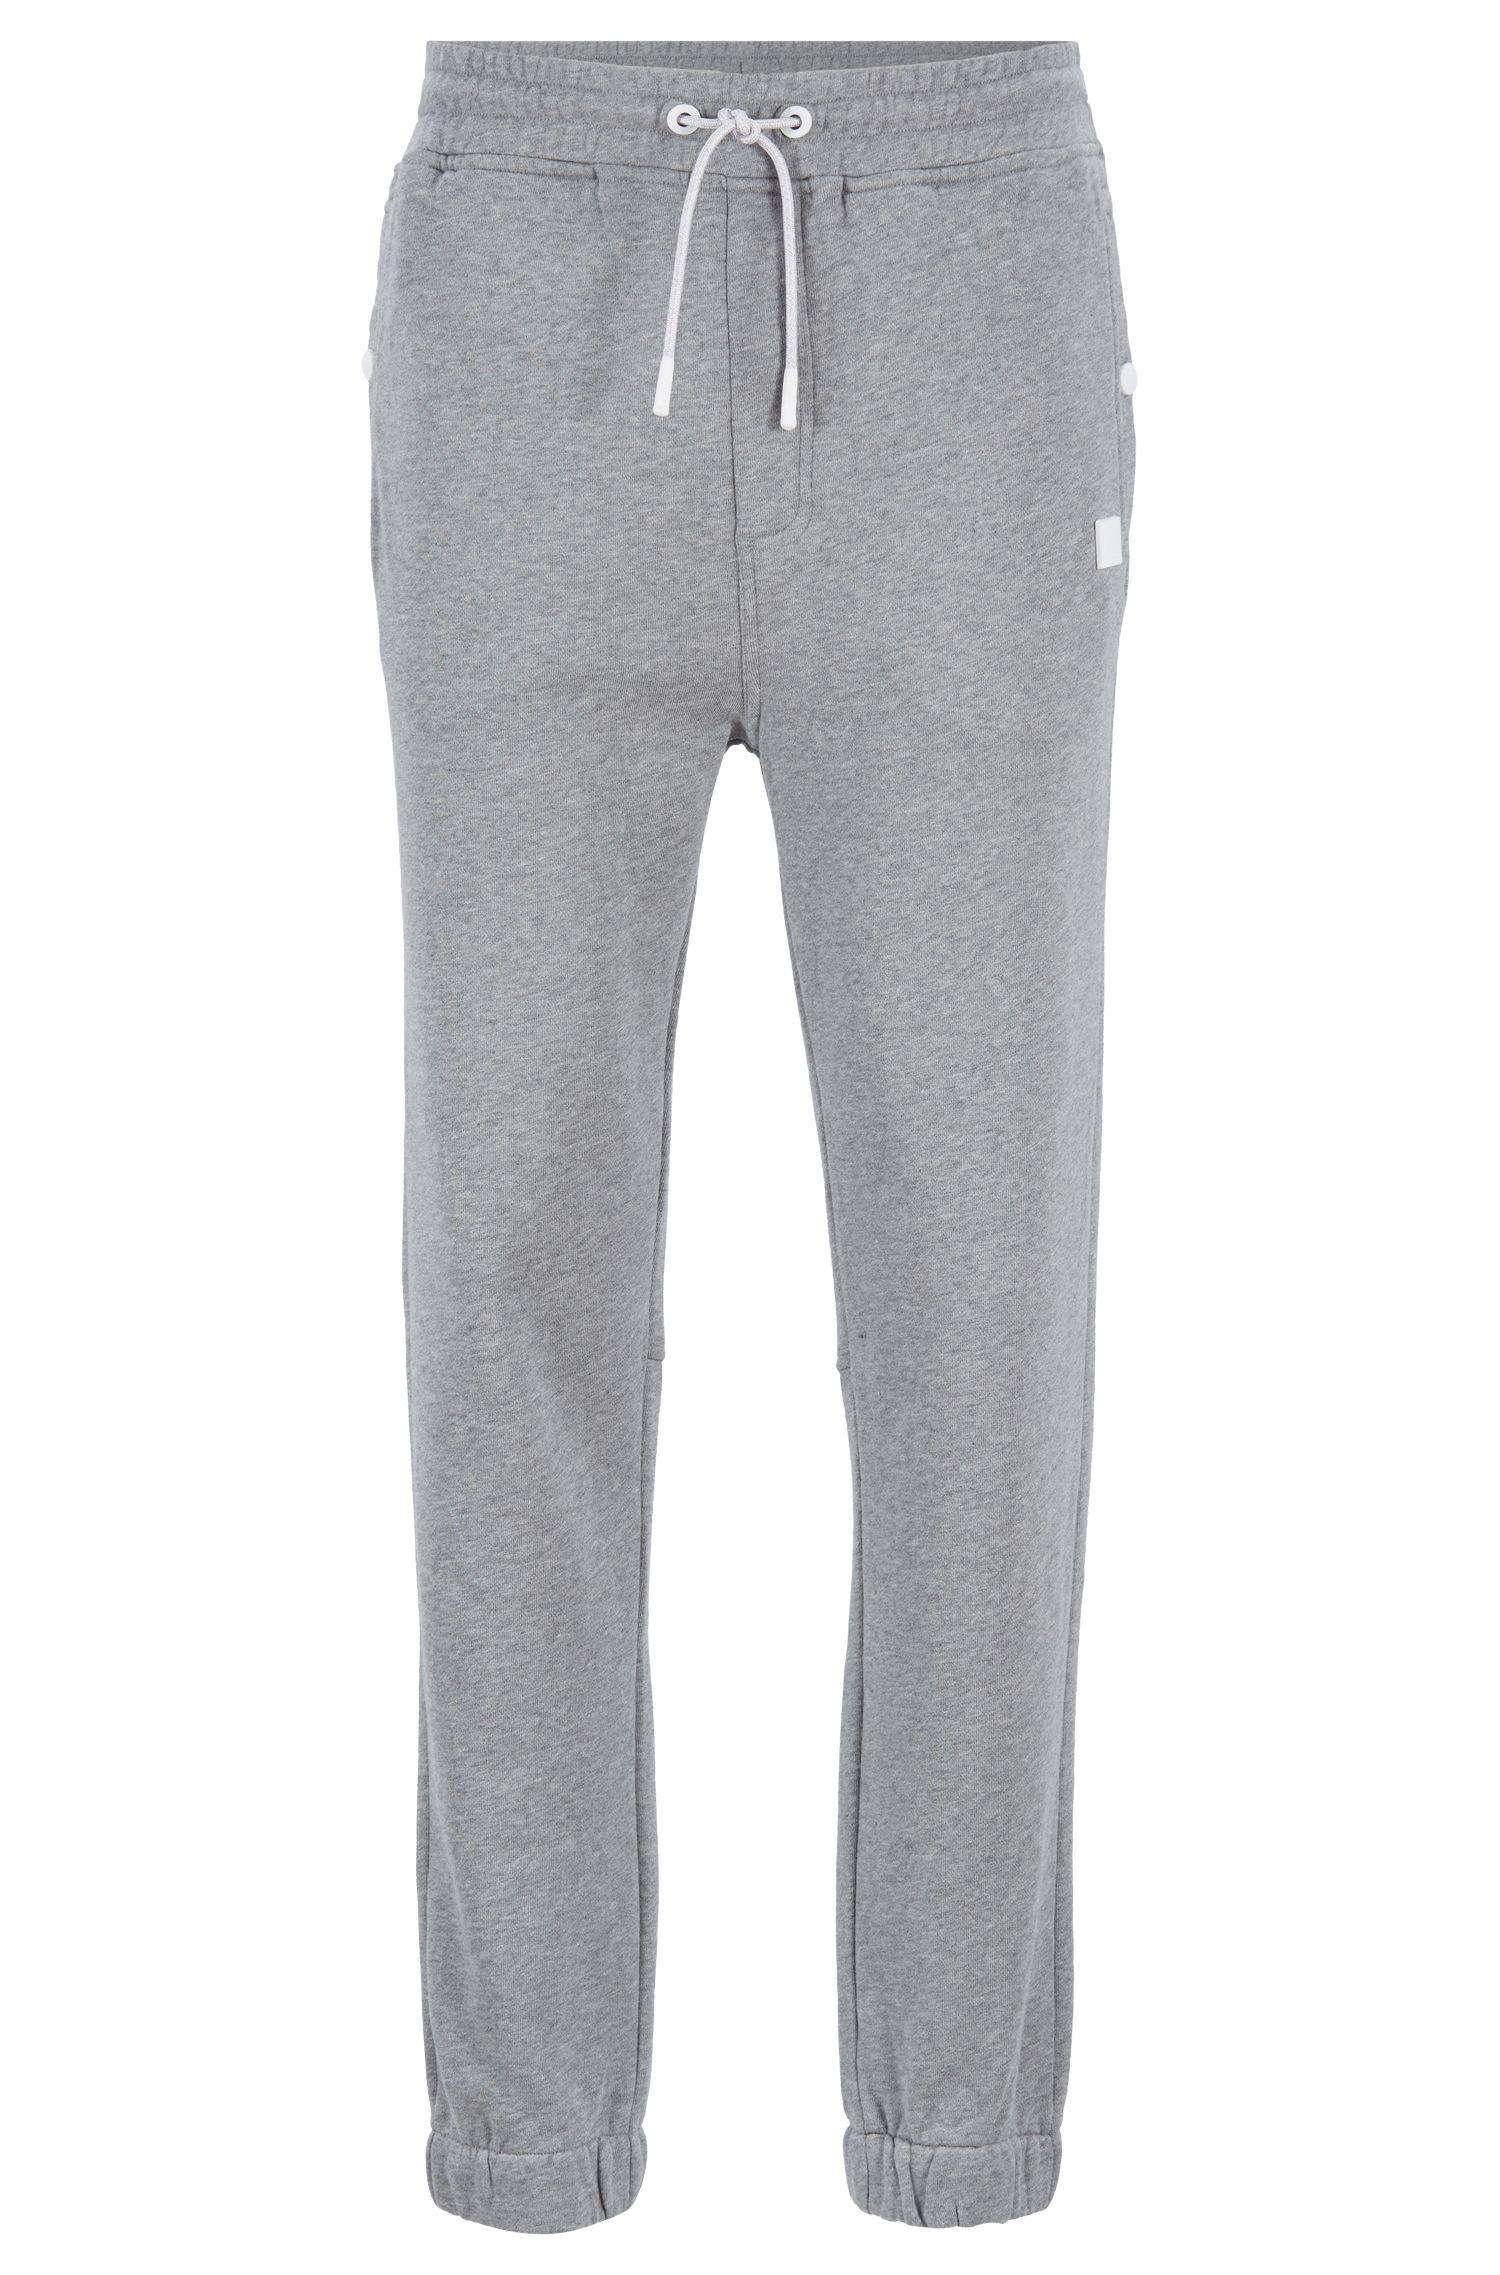 Pantalones relaxed fit de punto con puños en los bajos, Gris claro